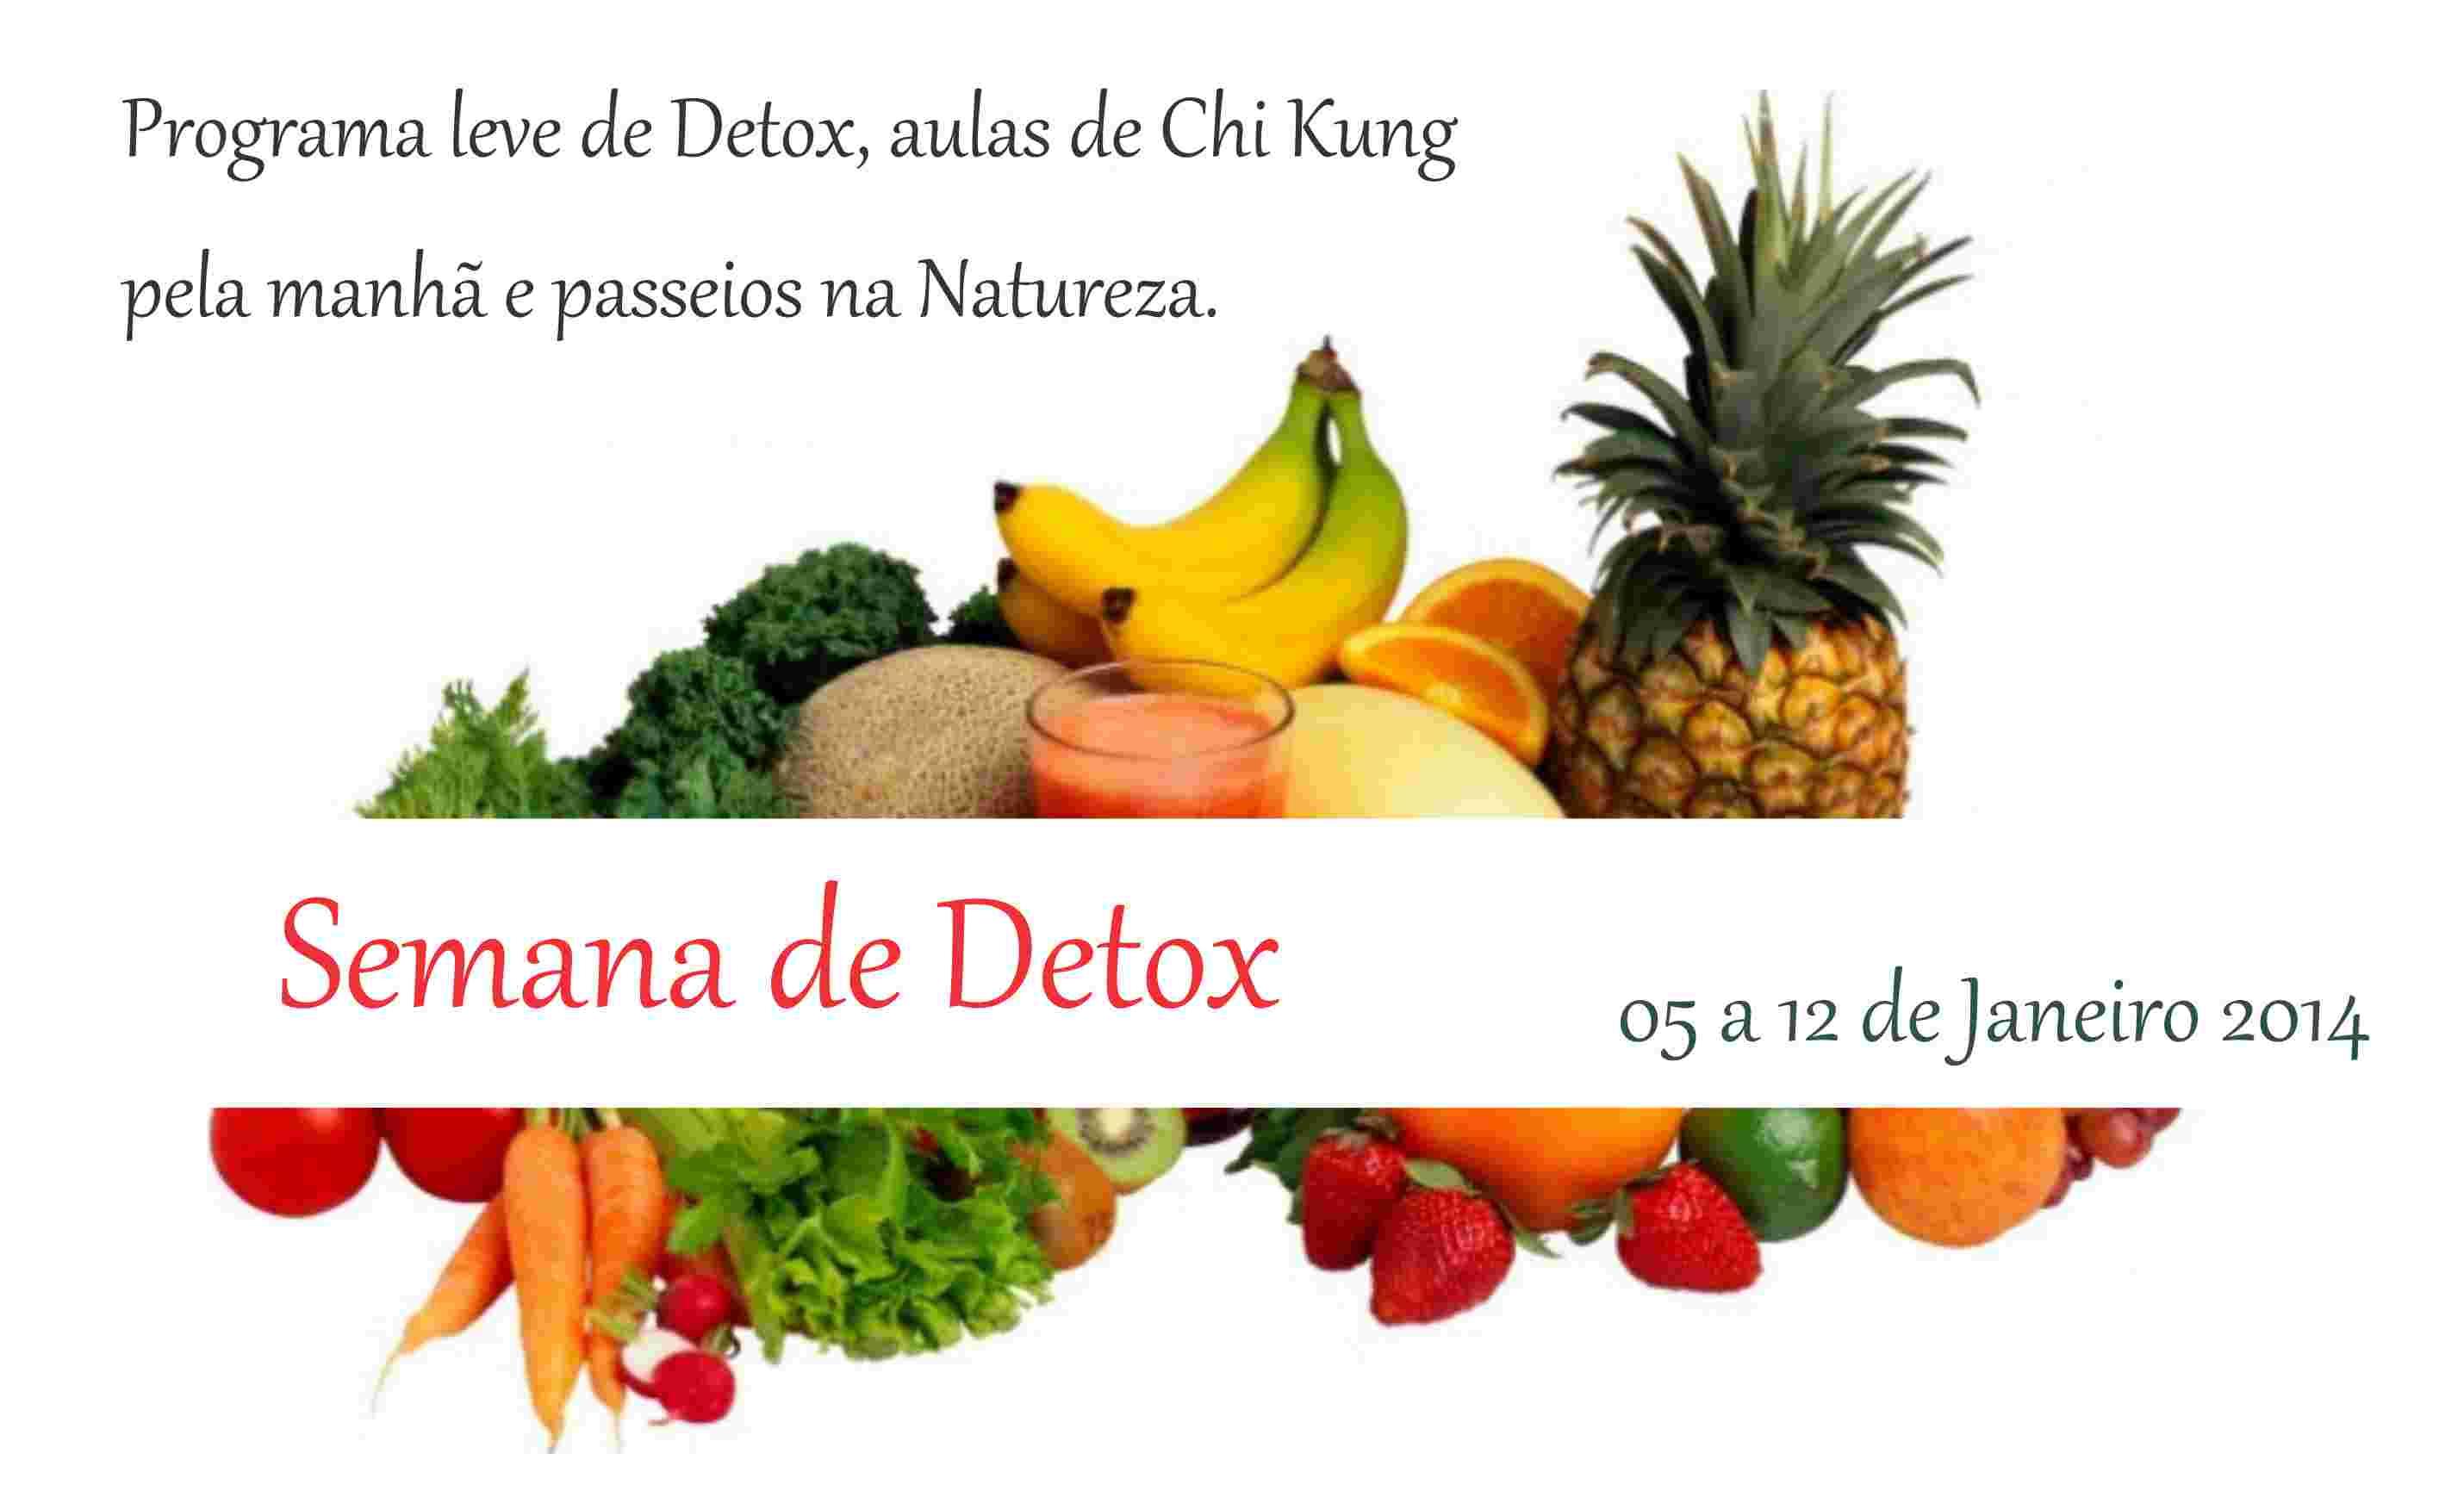 Semana de Detox